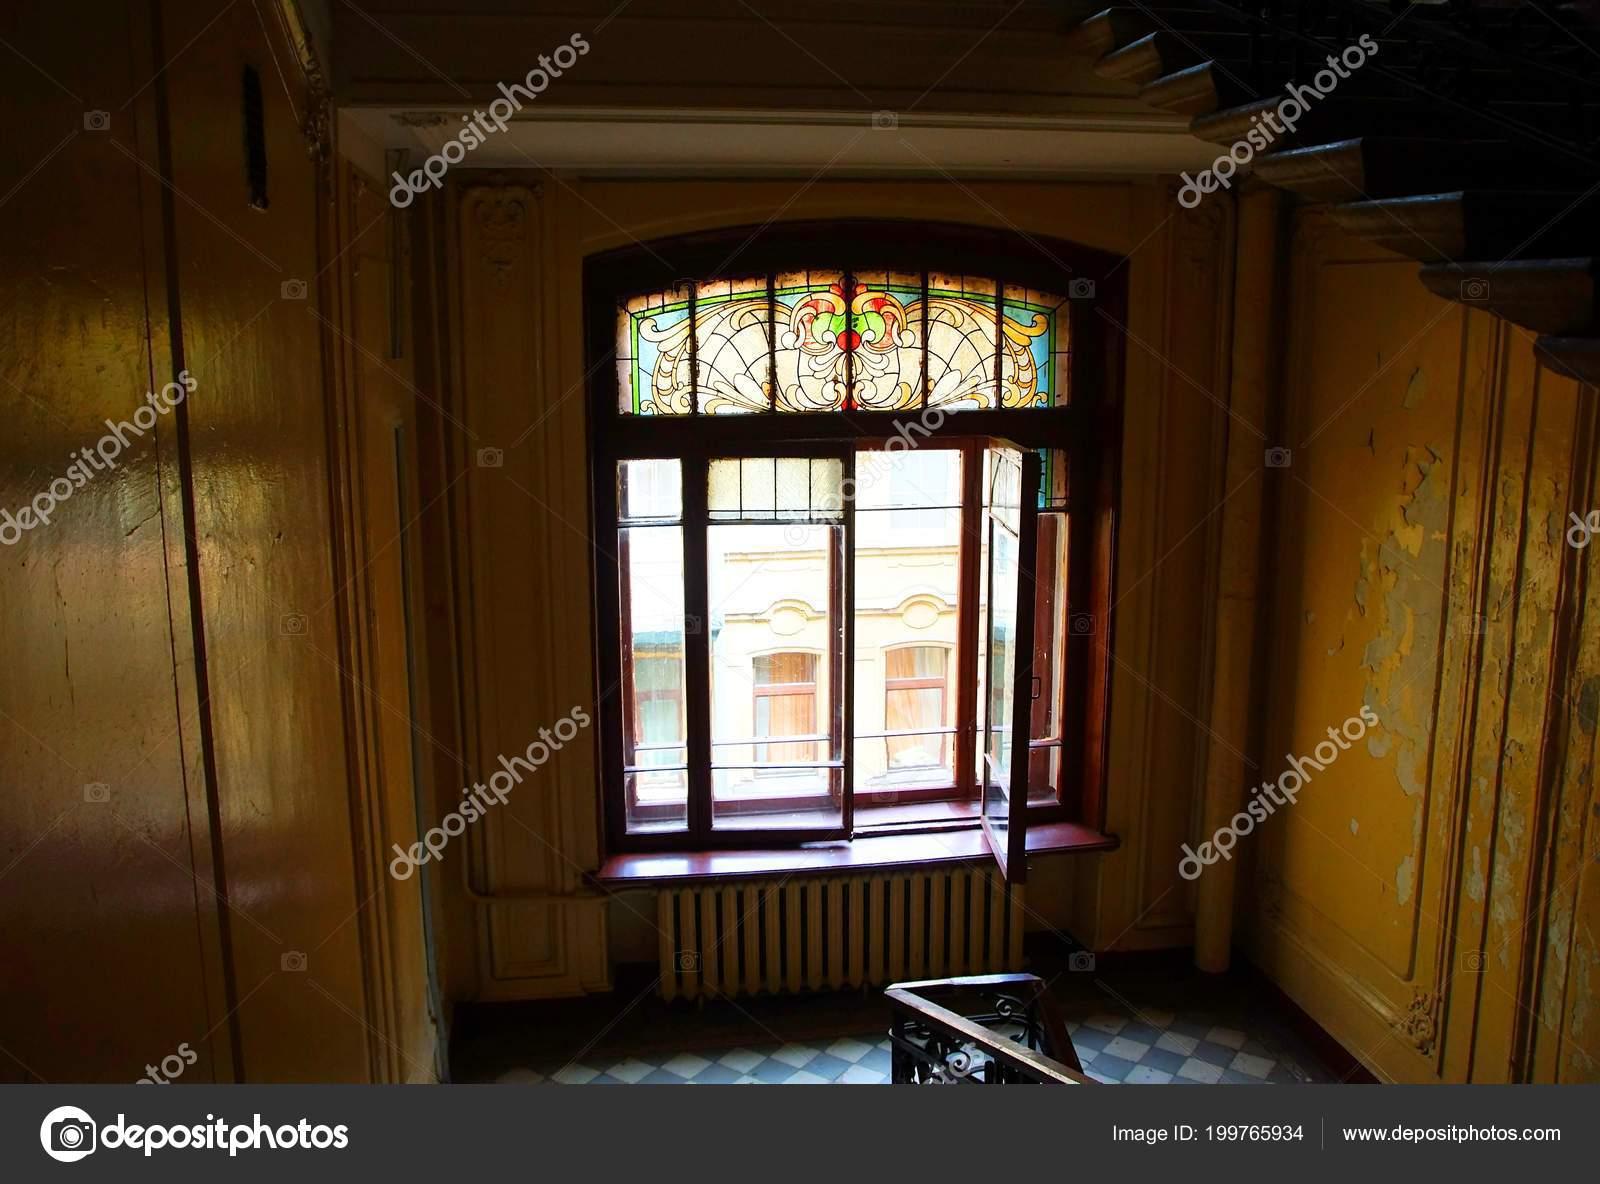 Fußboden Jugendstil ~ Fragment der innenausstattung des wohnhauses jugendstil auf